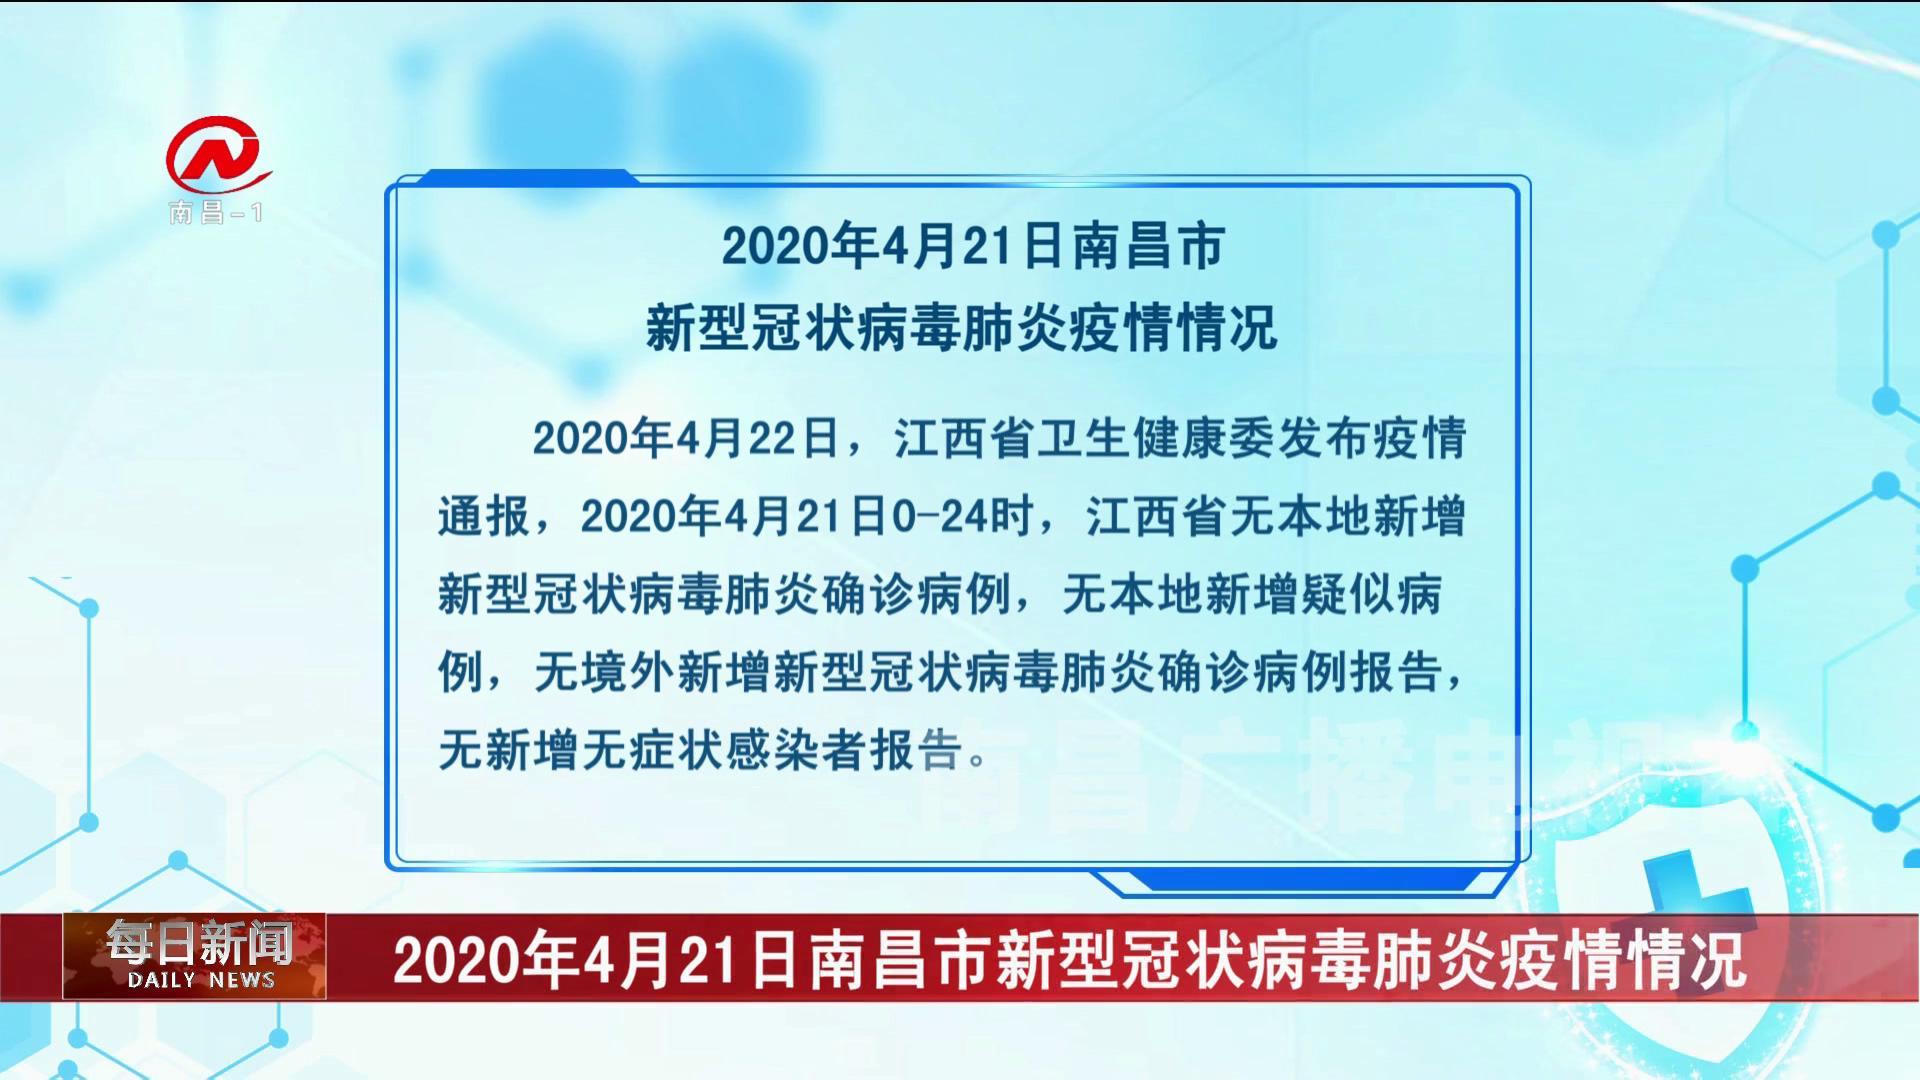 2020年4月21日南昌市新型冠状病毒肺炎疫情情况